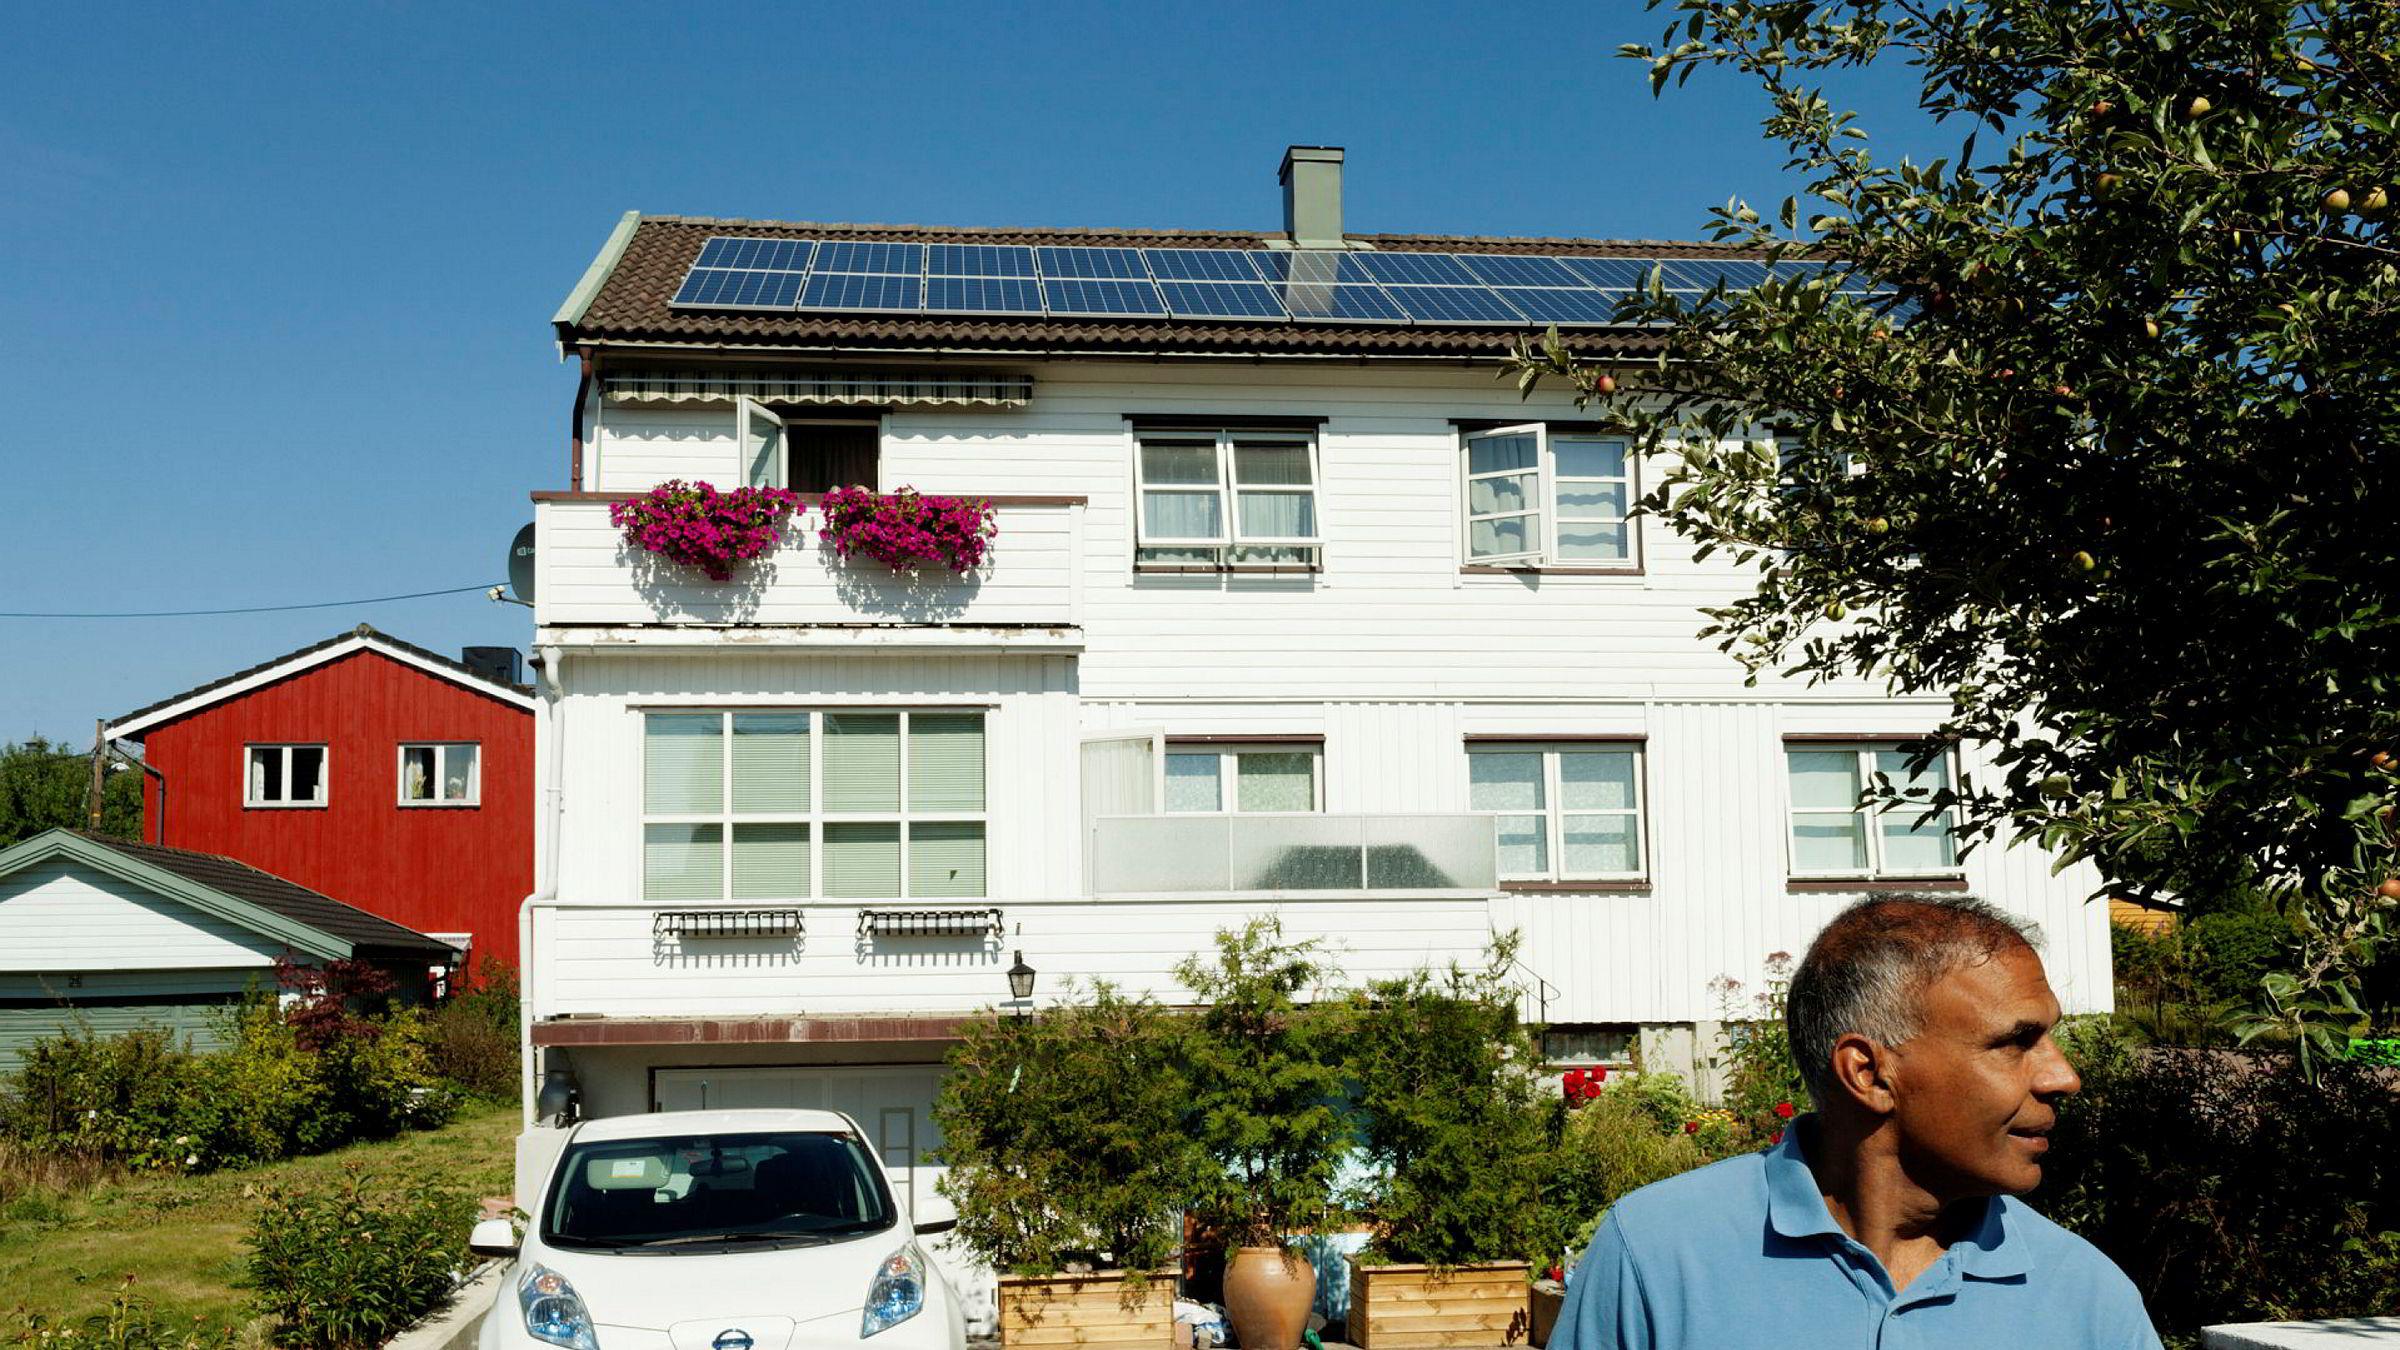 Shafeeq Mohammad kjører elbil og har solcellepanel installert på taket. – Jeg er en miljøforkjemper, sier han.